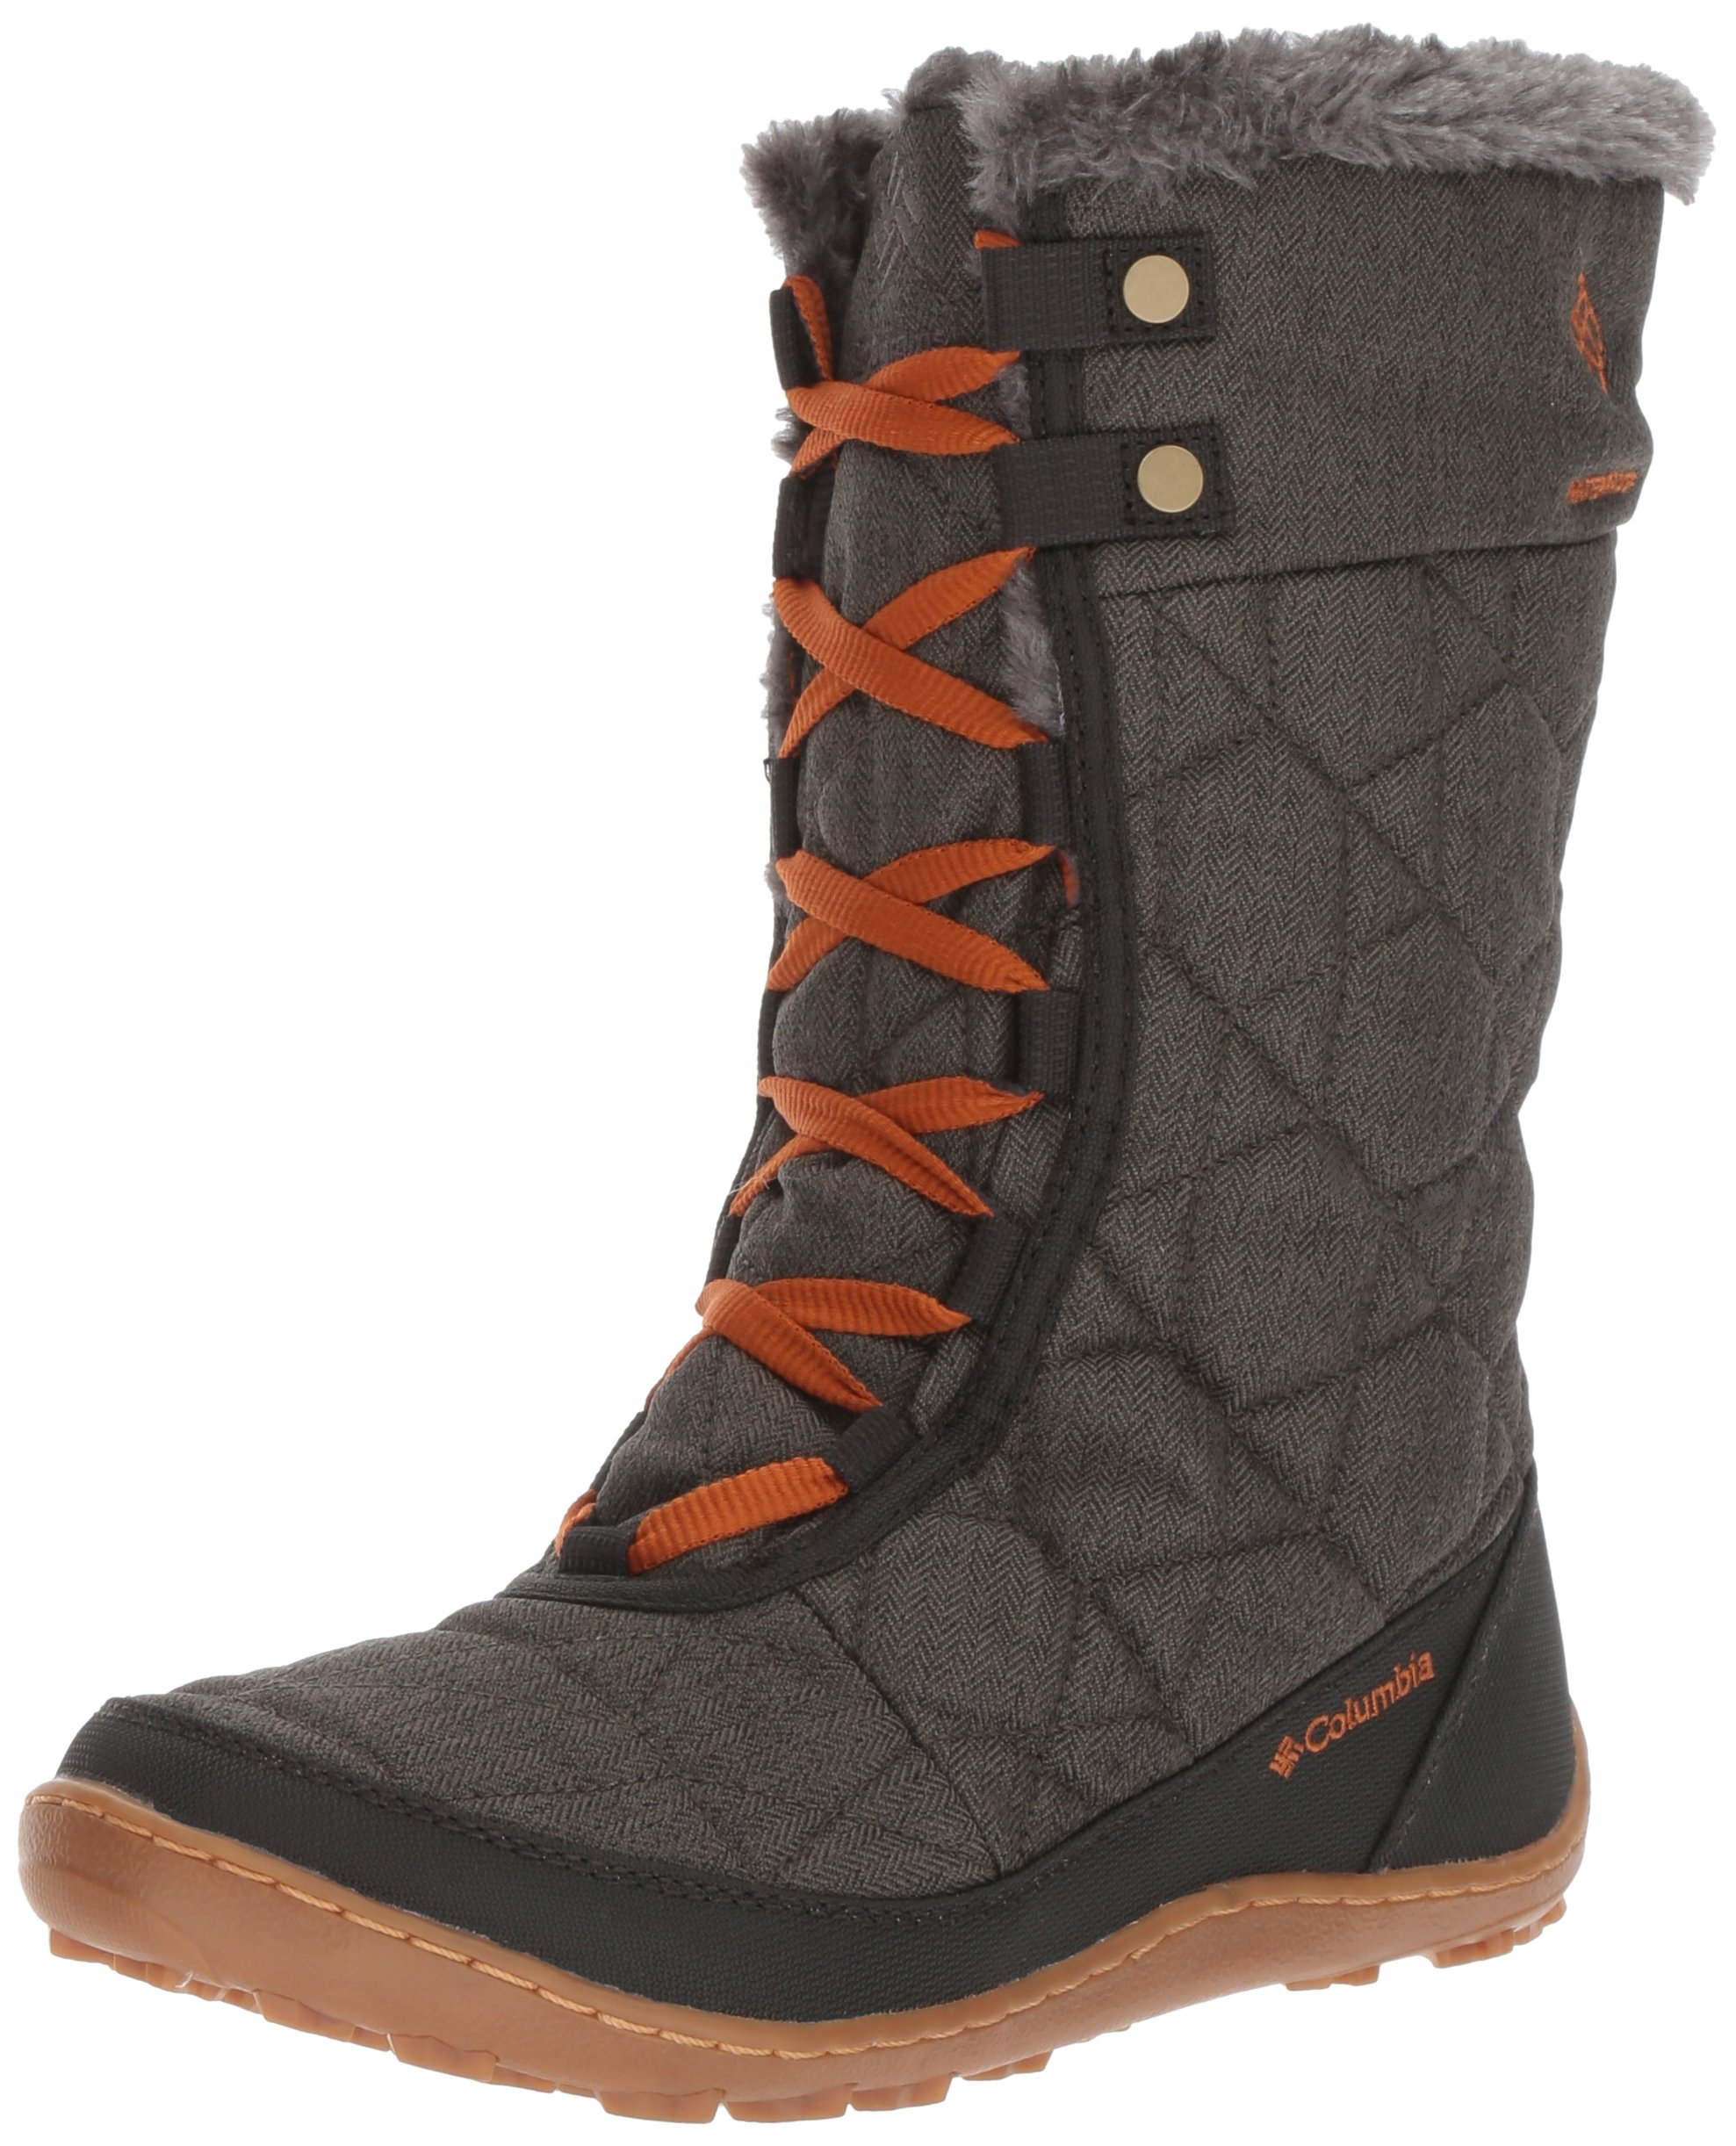 Columbia Women's Minx Mid Alta Omni-Heat Snow Boot, Nori, Bright Copper, 7 B US